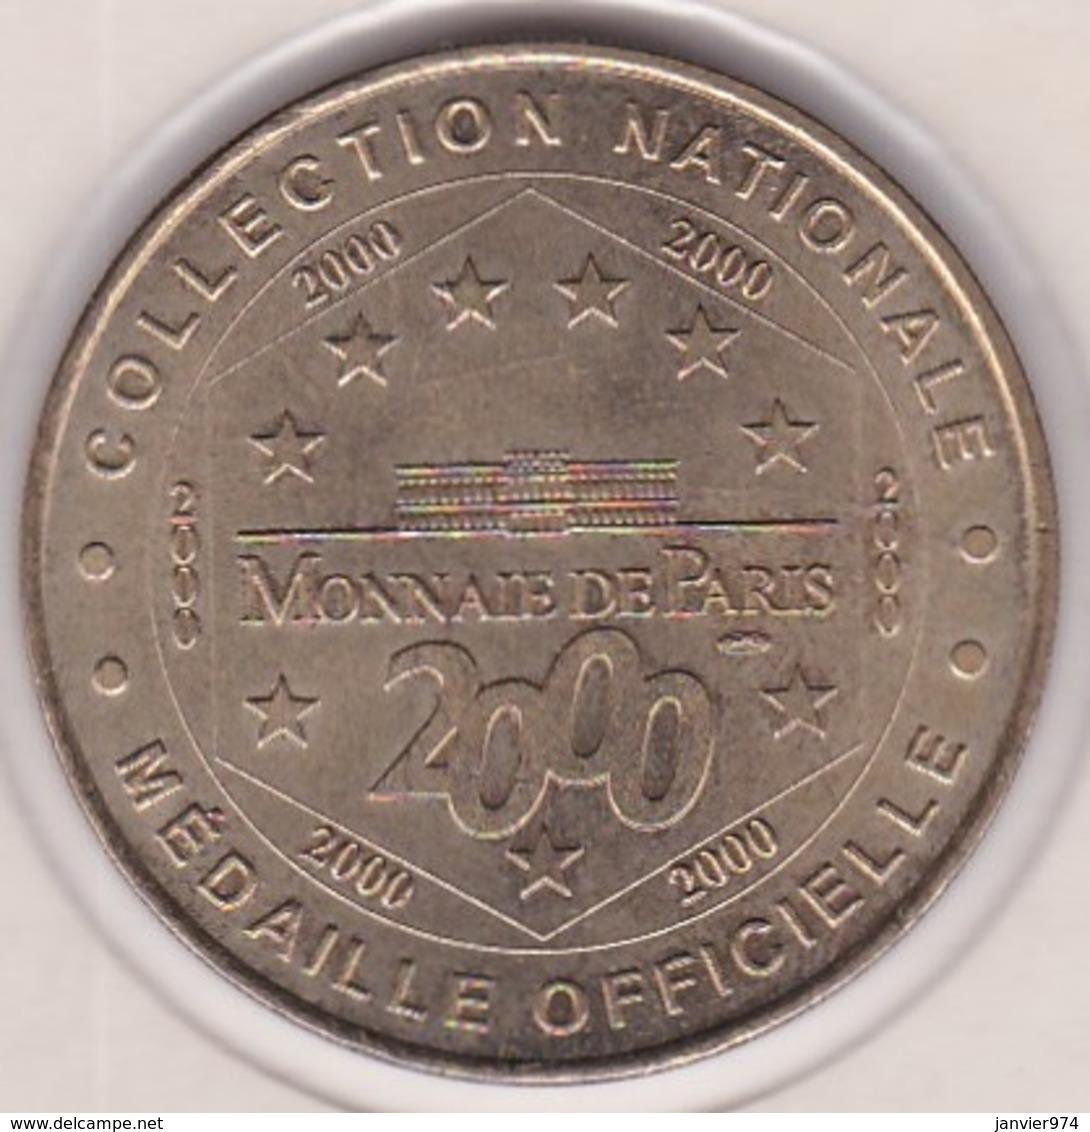 86. Vienne.  Futuroscope. Parc Européen De L'image 2000. Monnaie De Paris - Monnaie De Paris